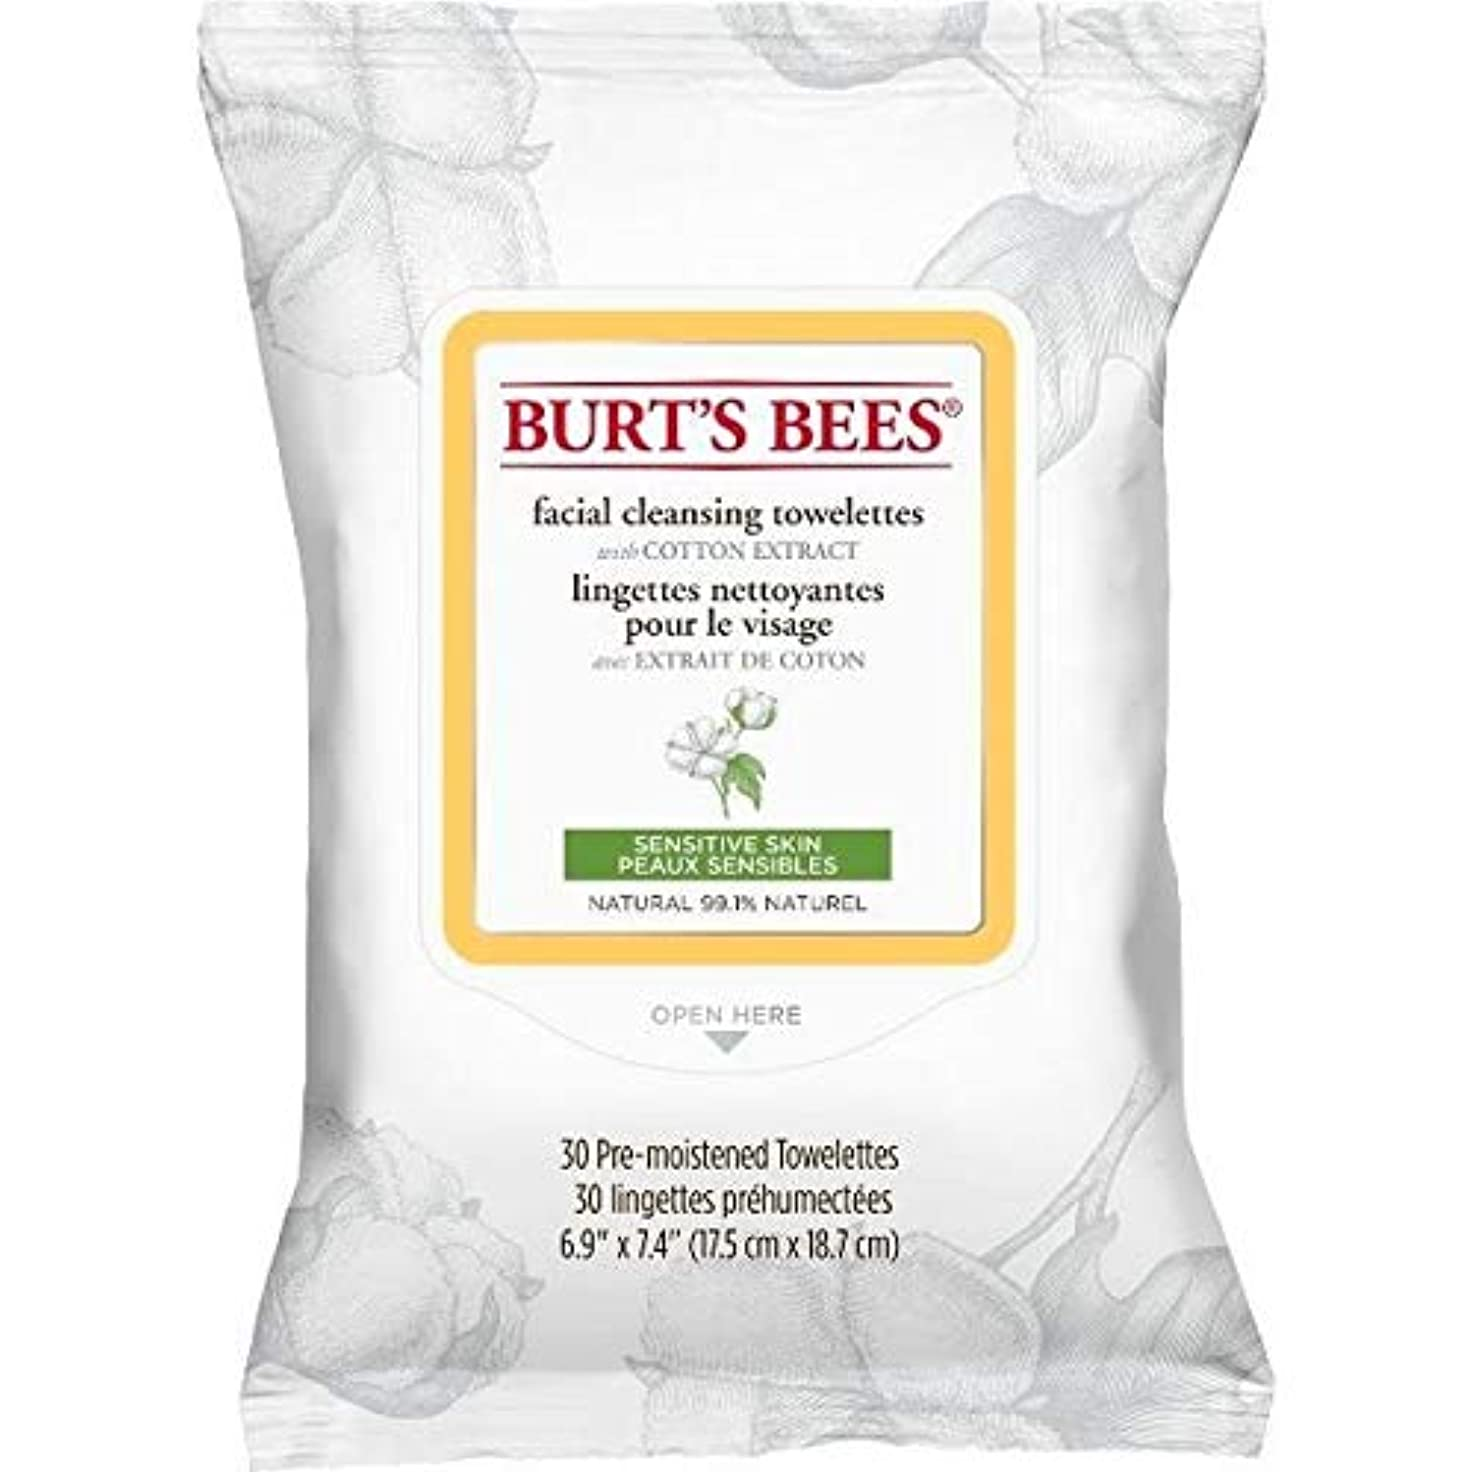 スーツしなやかきらめき[Burt's Bees ] バーツビー敏感な顔の浄化用ペーパータオルエキスX30 - Burt's Bees Sensitive Facial Cleanse Towelettes Extract x30 [並行輸入品]